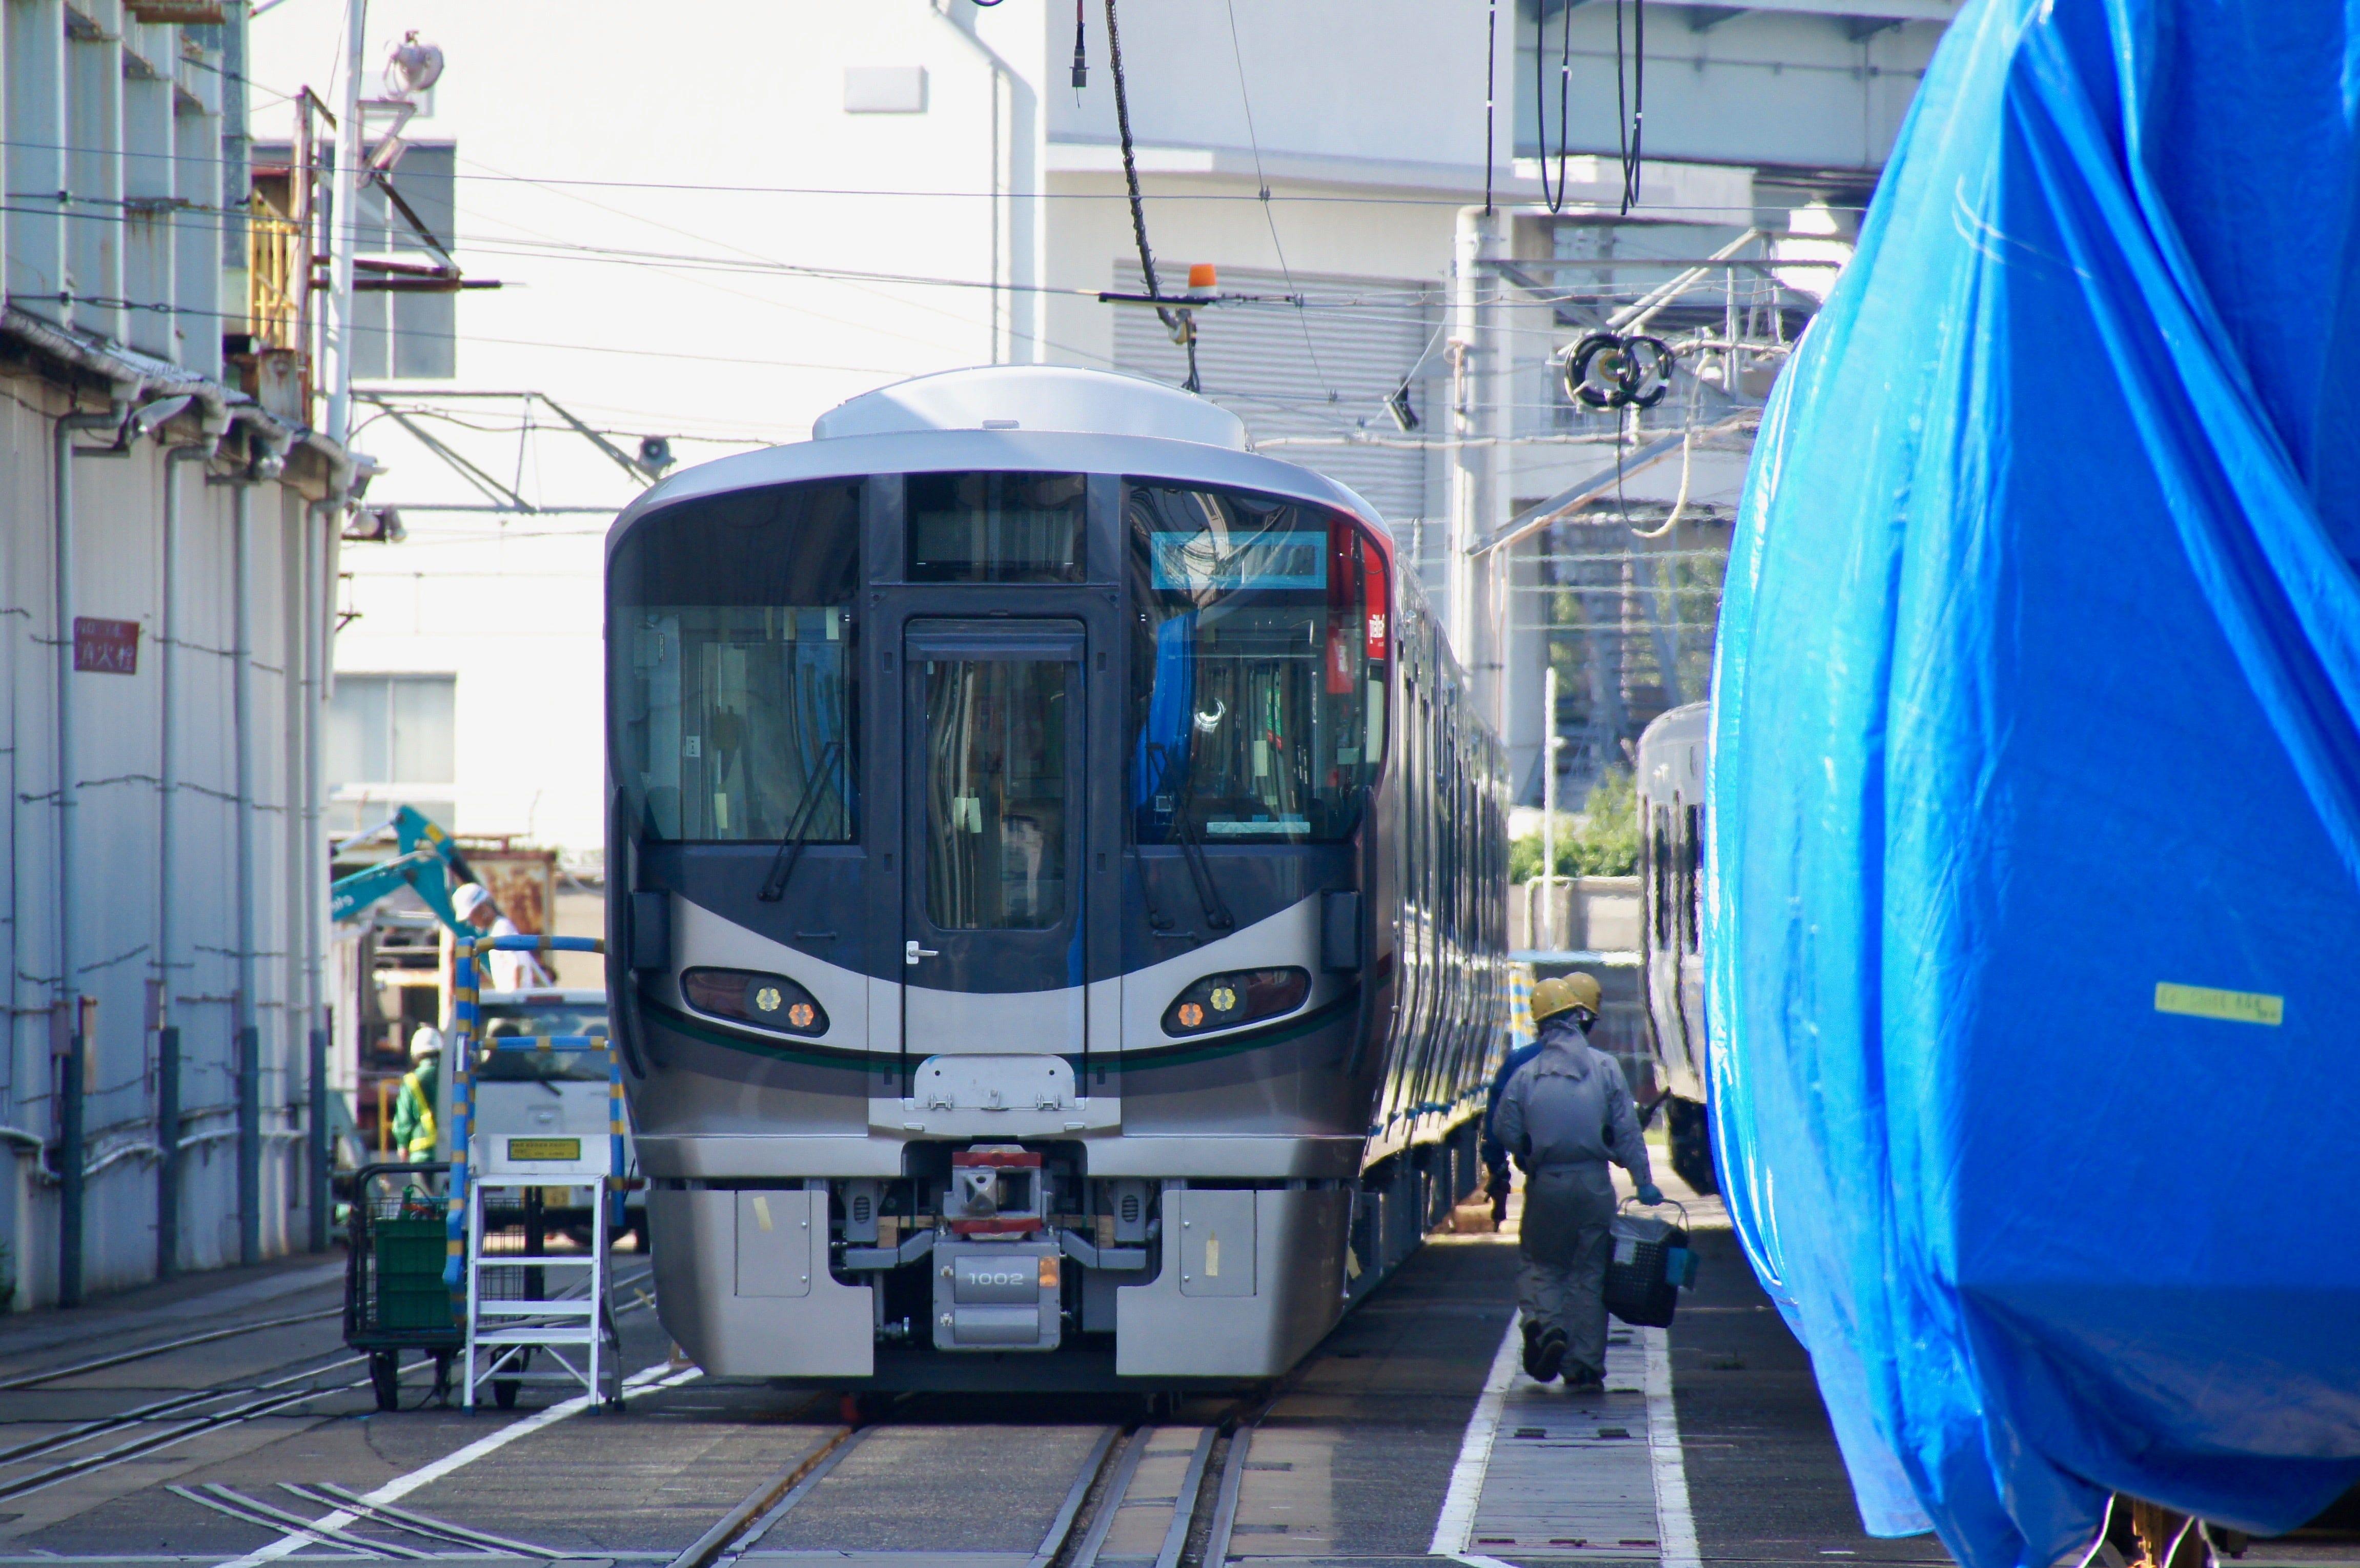 フレッシュ 兵庫 新幹線 - 様々な日本の寫真/寫真